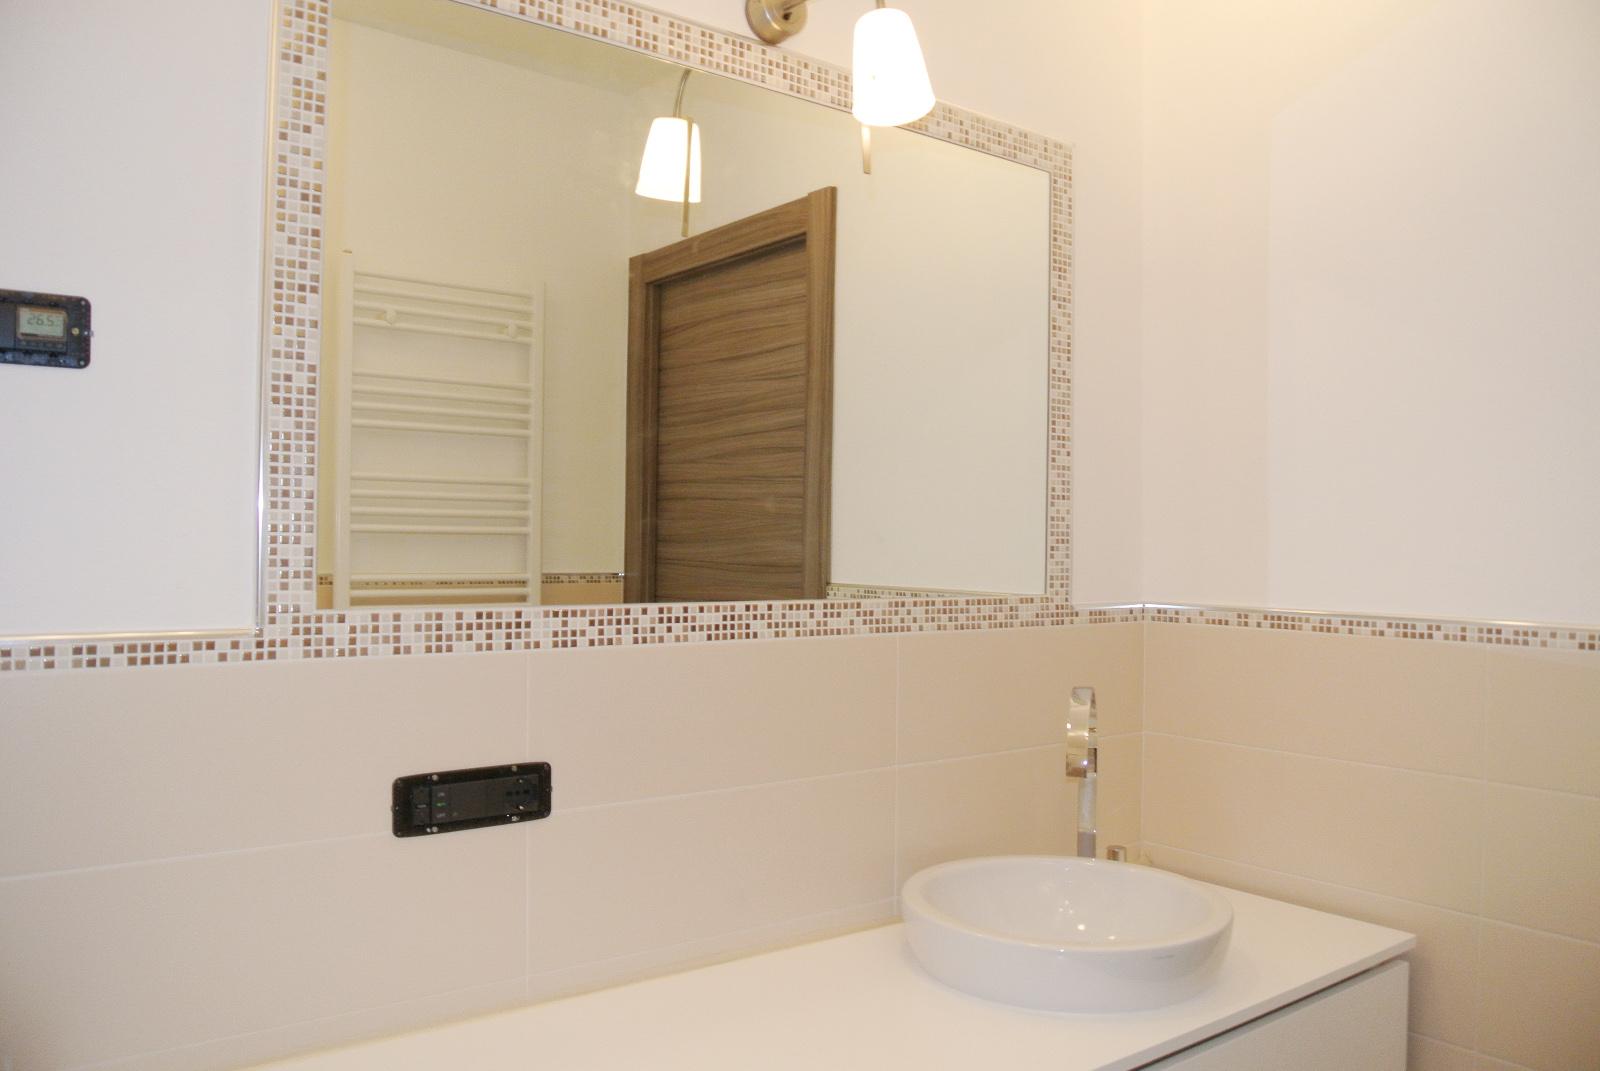 sintesibagno-arredobagno-arredo-bagno-svizzera-mobile-puntotre-lavabo-appoggio-catalano-mix-lavabo-bonomi